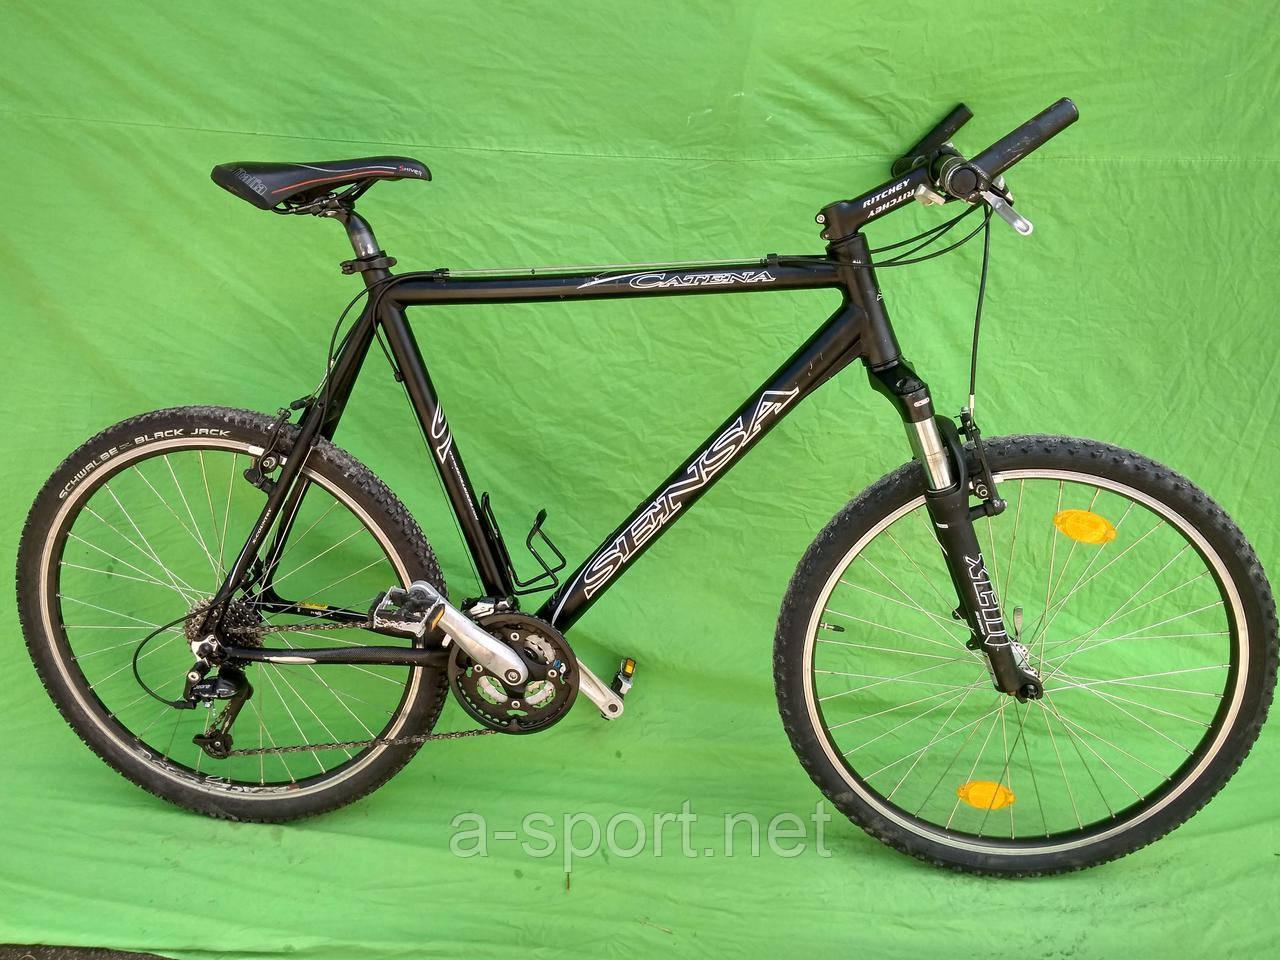 Гірський велосипед Sensa Catena алюміній, deore